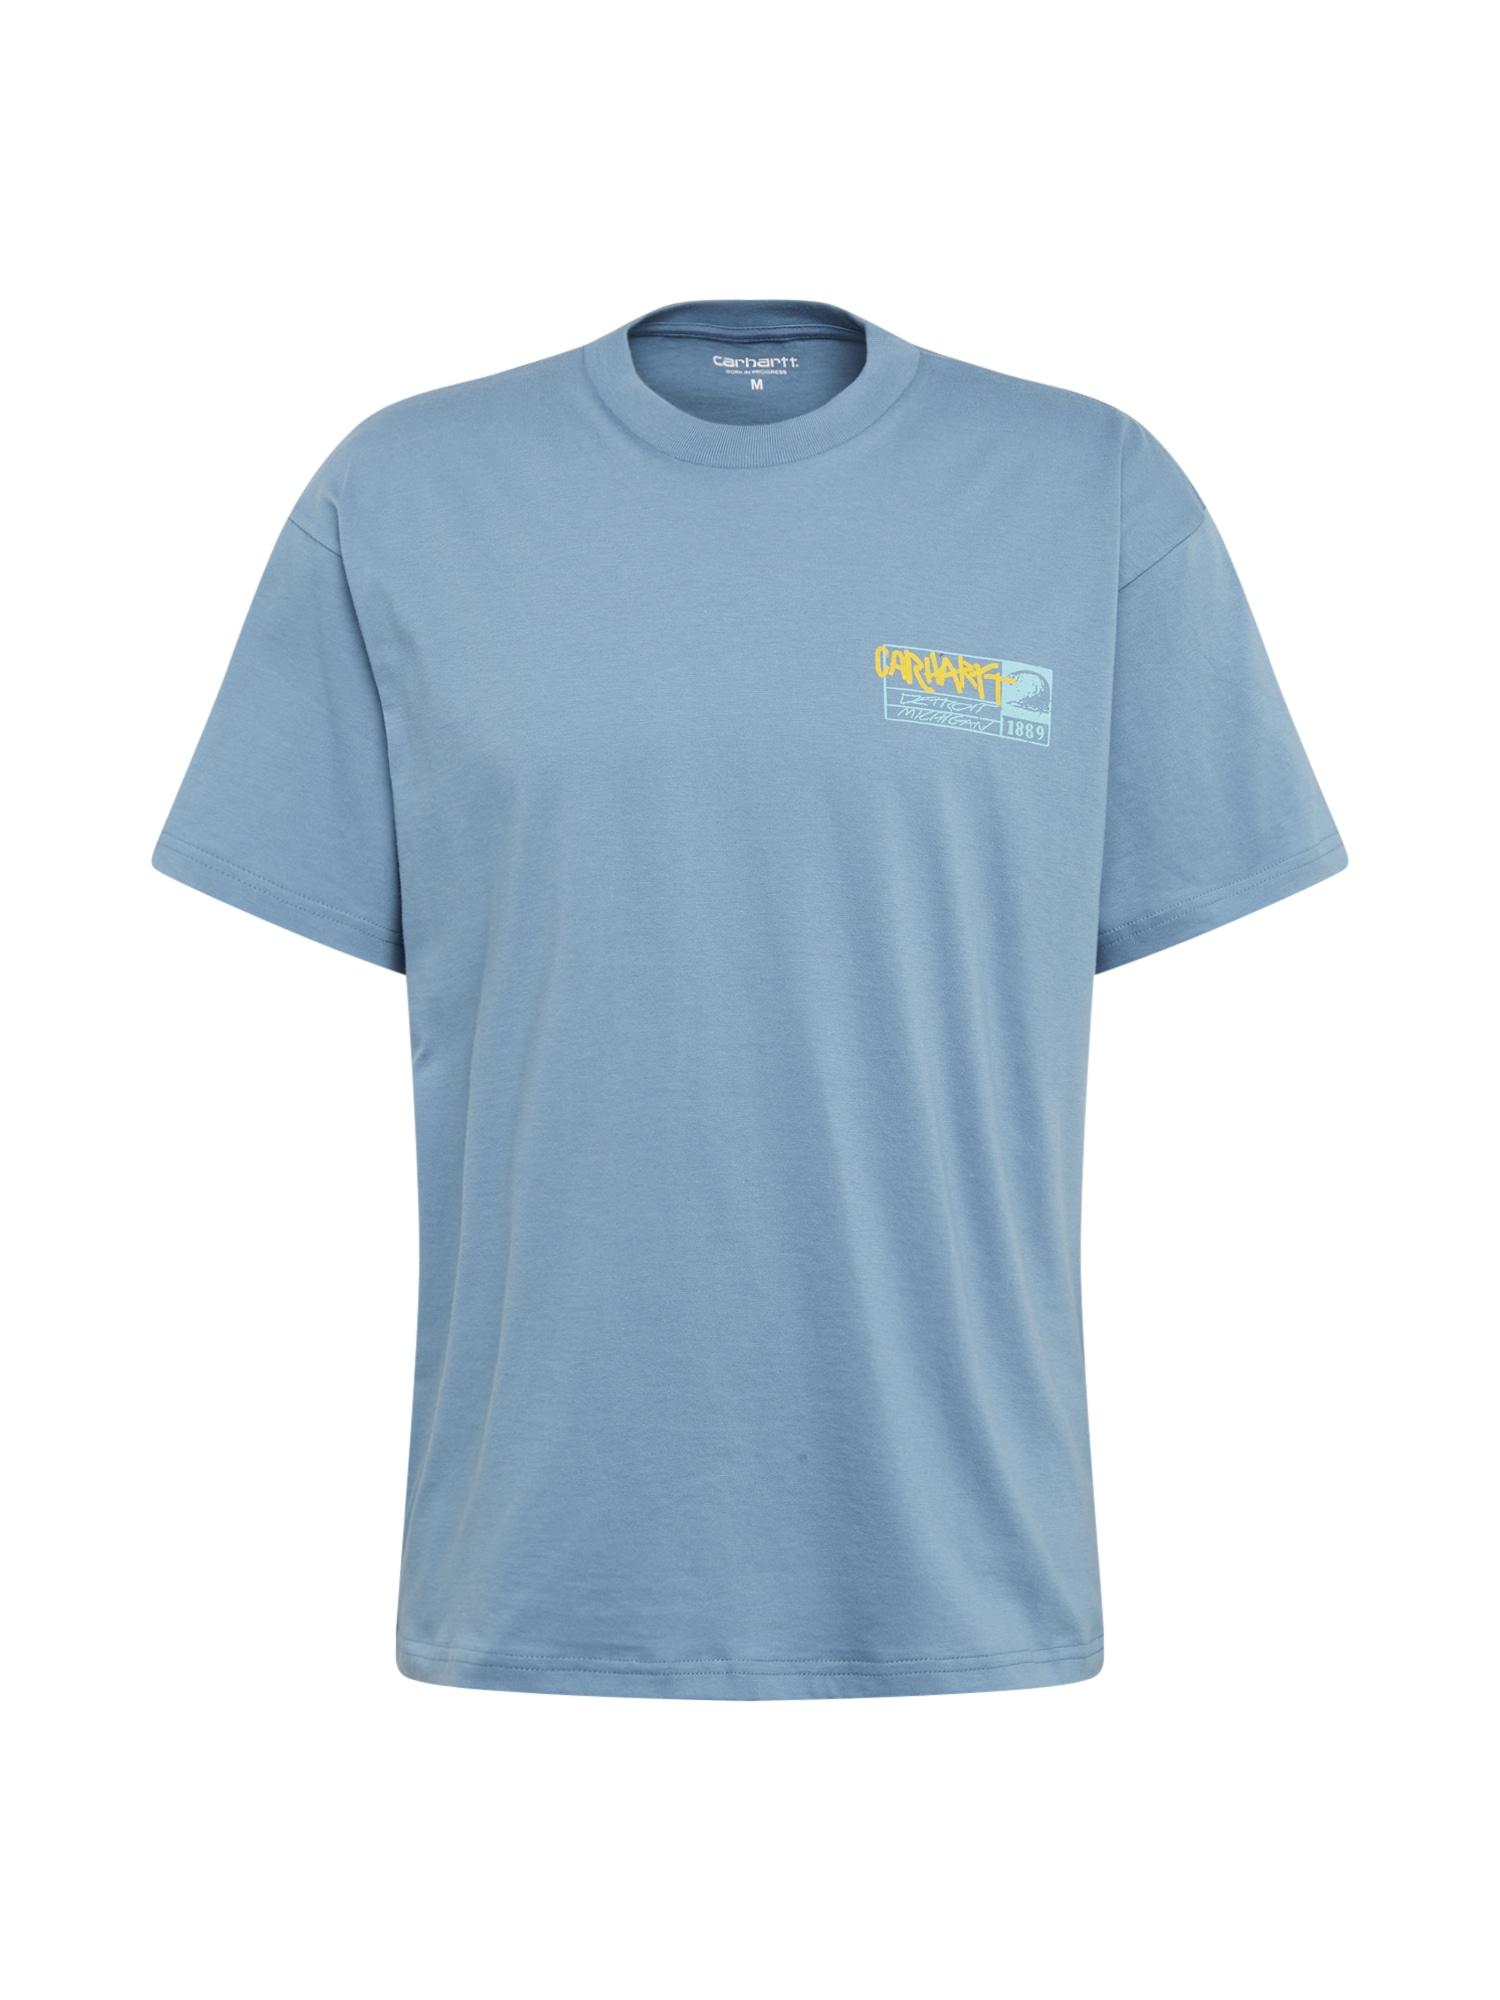 Carhartt WIP Marškinėliai 'No Surf' mėlyna dūmų spalva